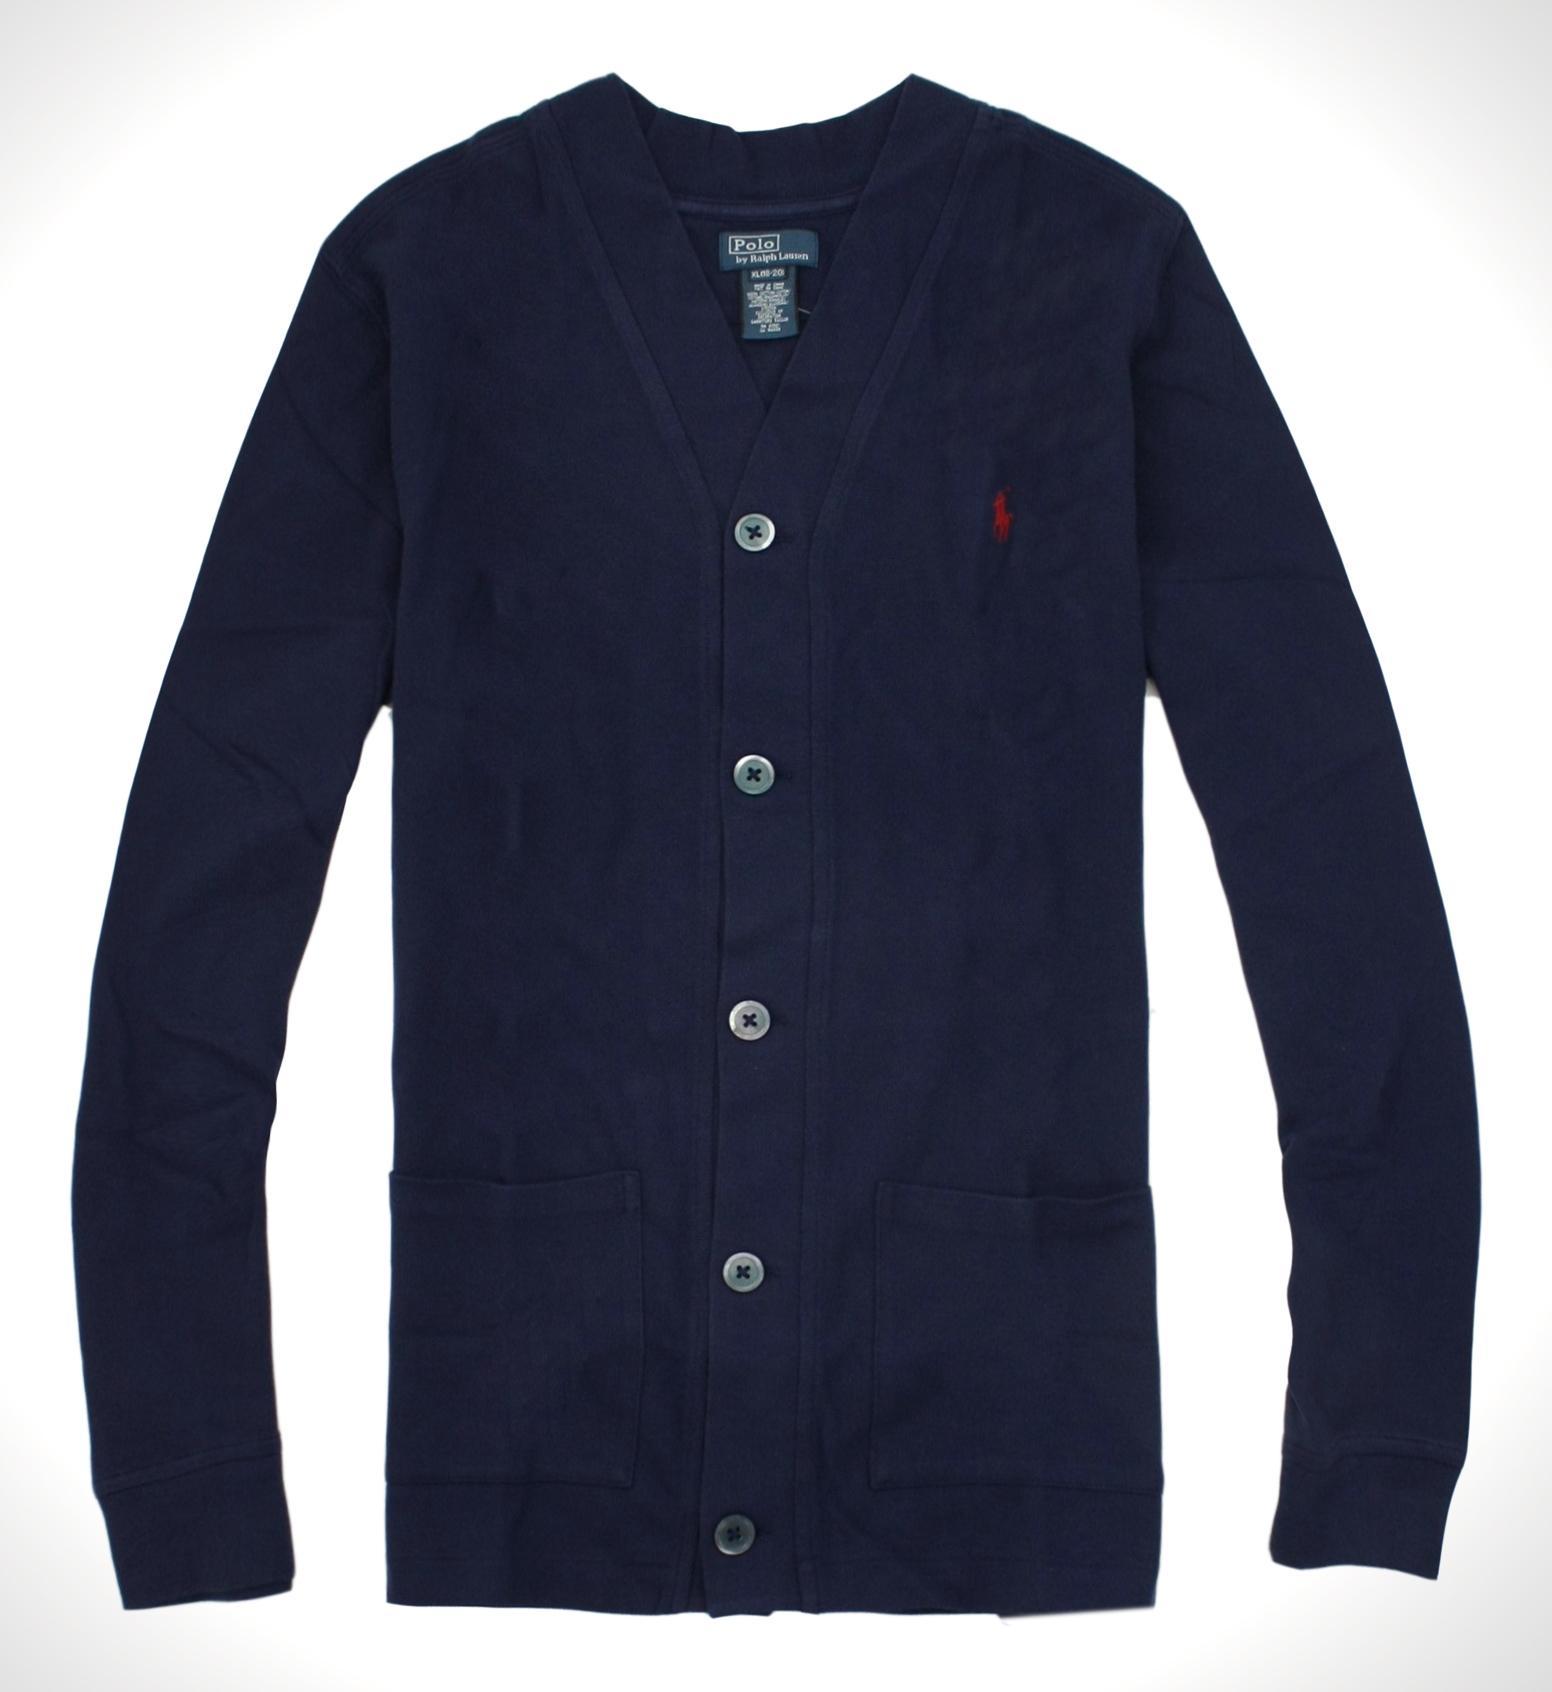 美國百分百【全新真品】Ralph Lauren RL 男 開扣 外套 口袋 針織 罩衫 POLO 深藍 S M L XL XXL